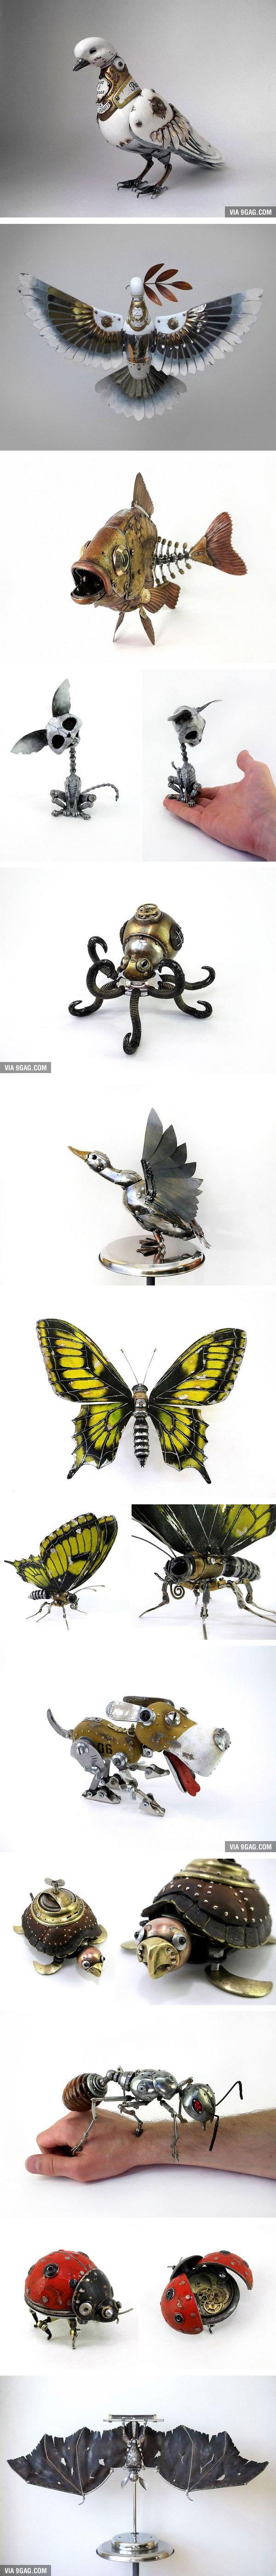 Artista ruso crea animales de partes viejas de carros, relojes y electrónicos.